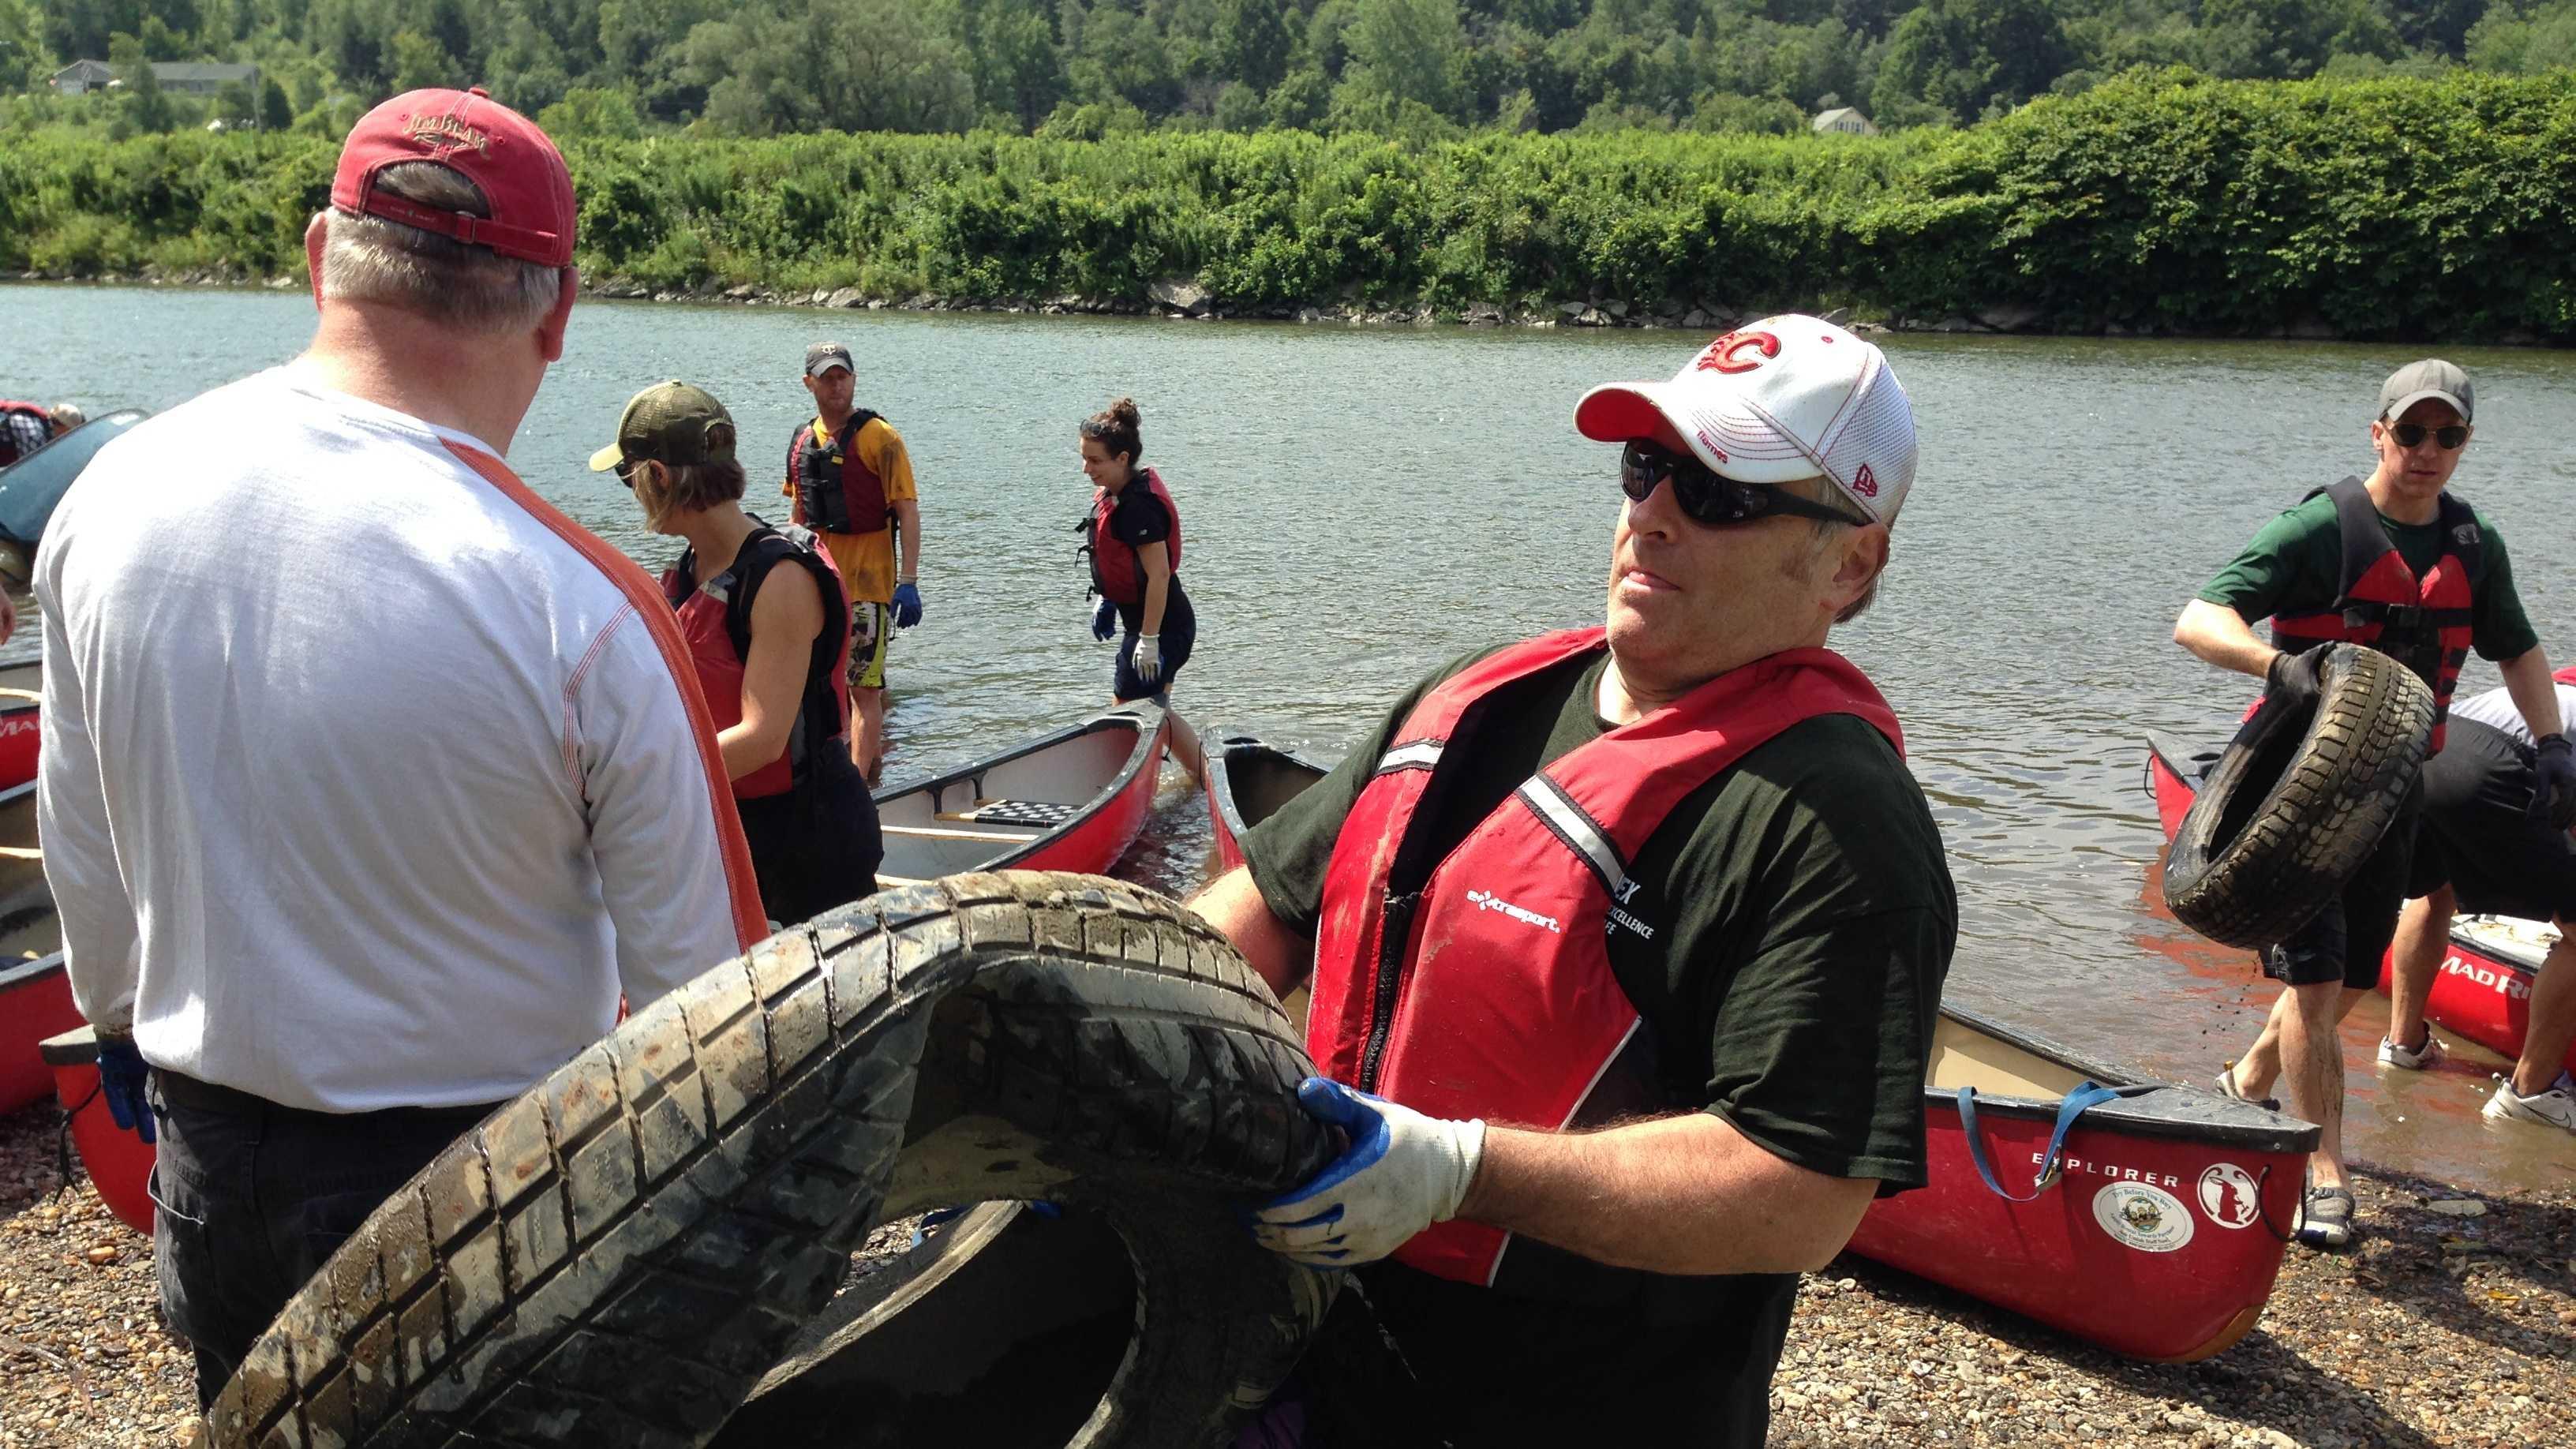 Keurig Green Mountain volunteers are finding lots of tires hidden in the bed and banks of the Winooski River in Waterbury this week.